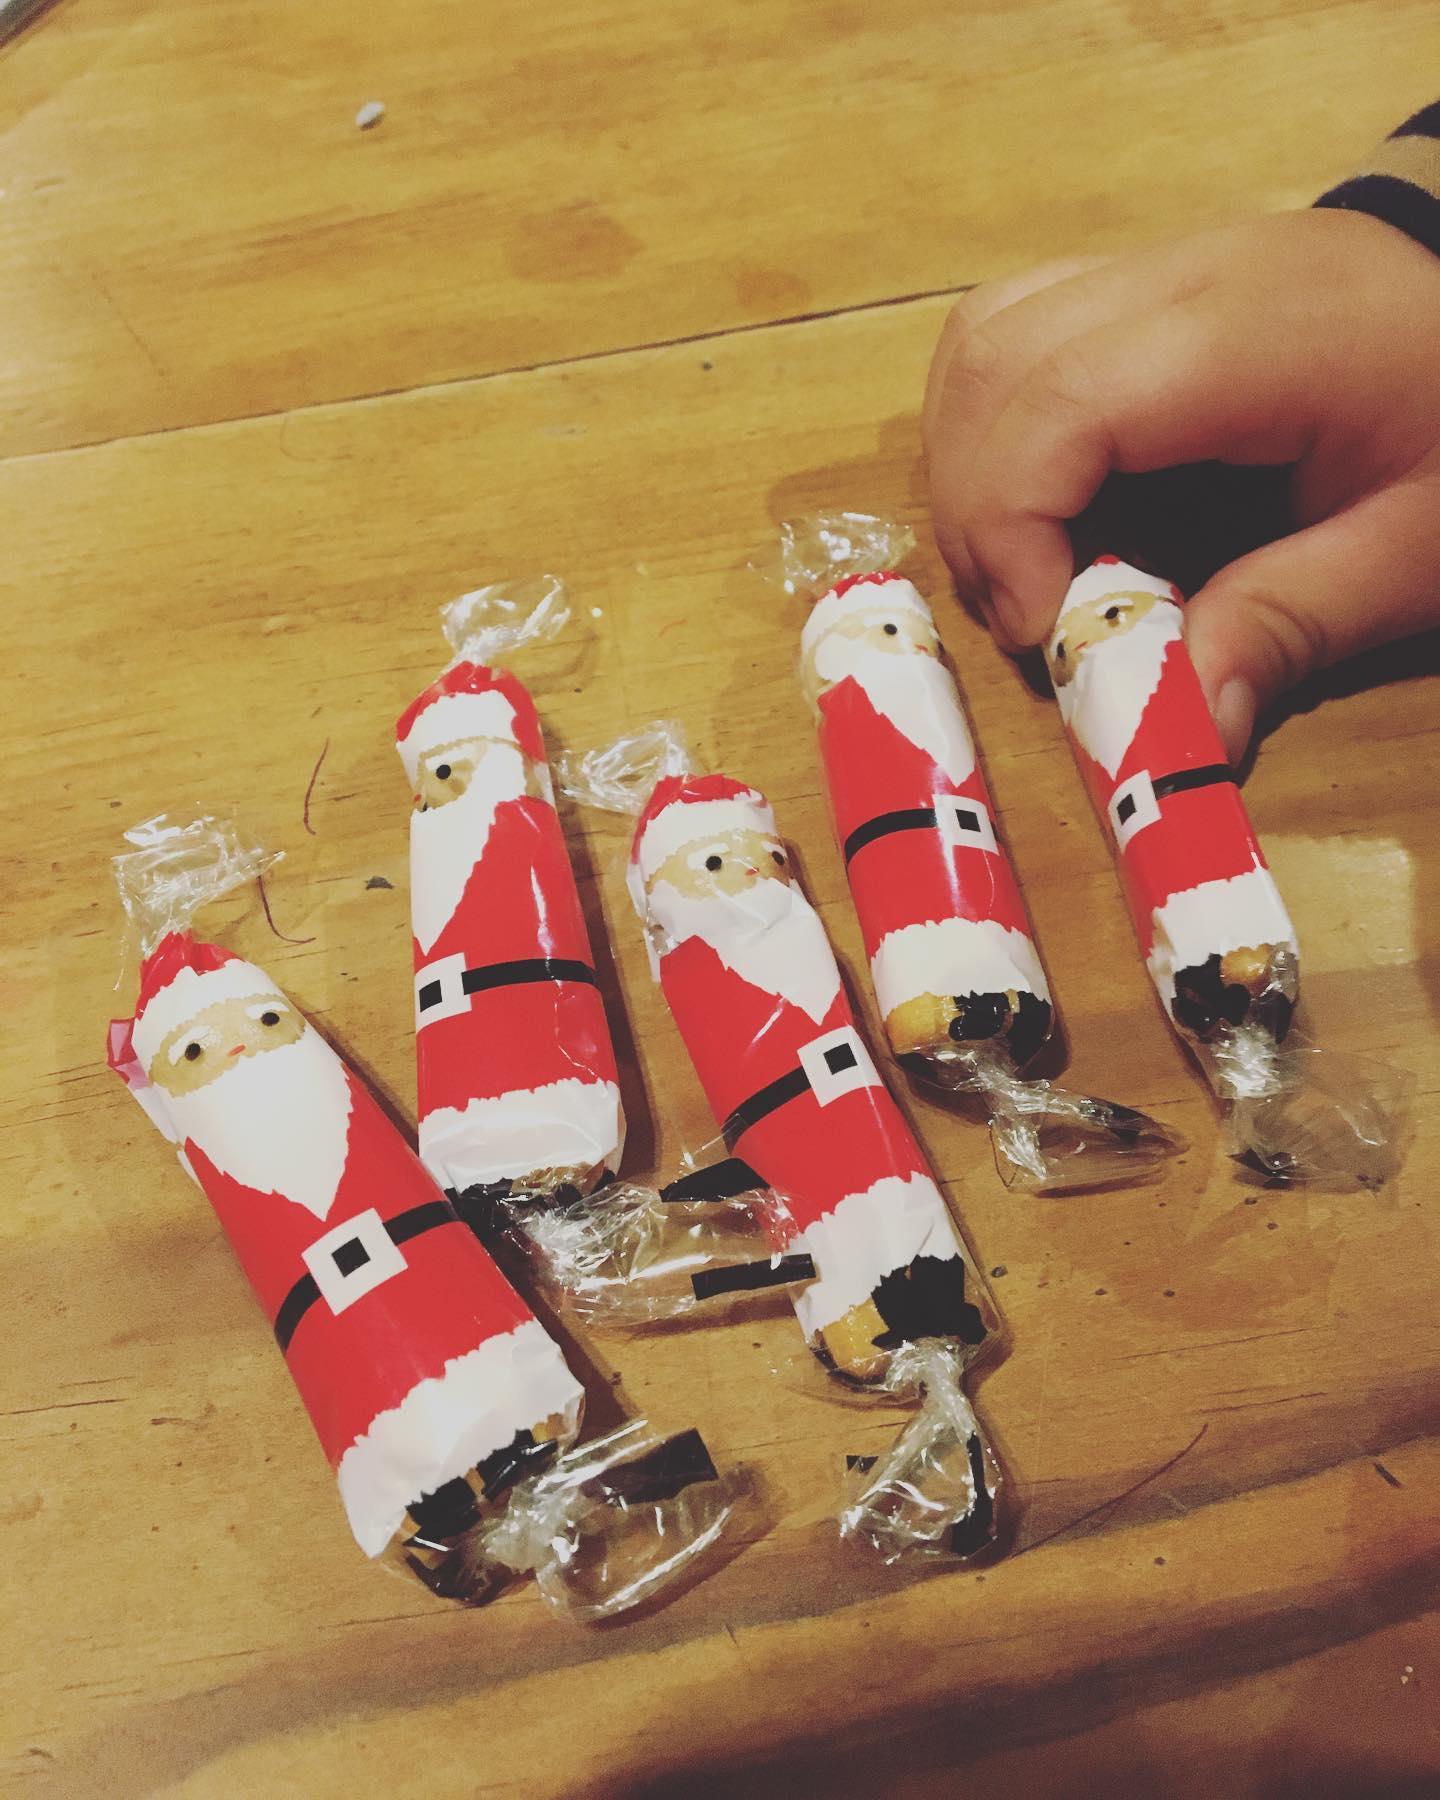 メリークリスマスイブ🤶.今日、明日はランチ食べてくれた方に、プチケーキプレゼントします.have a happy xmas#浜岡砂丘 #浜岡砂丘なごみ #くりすますぷれぜんと